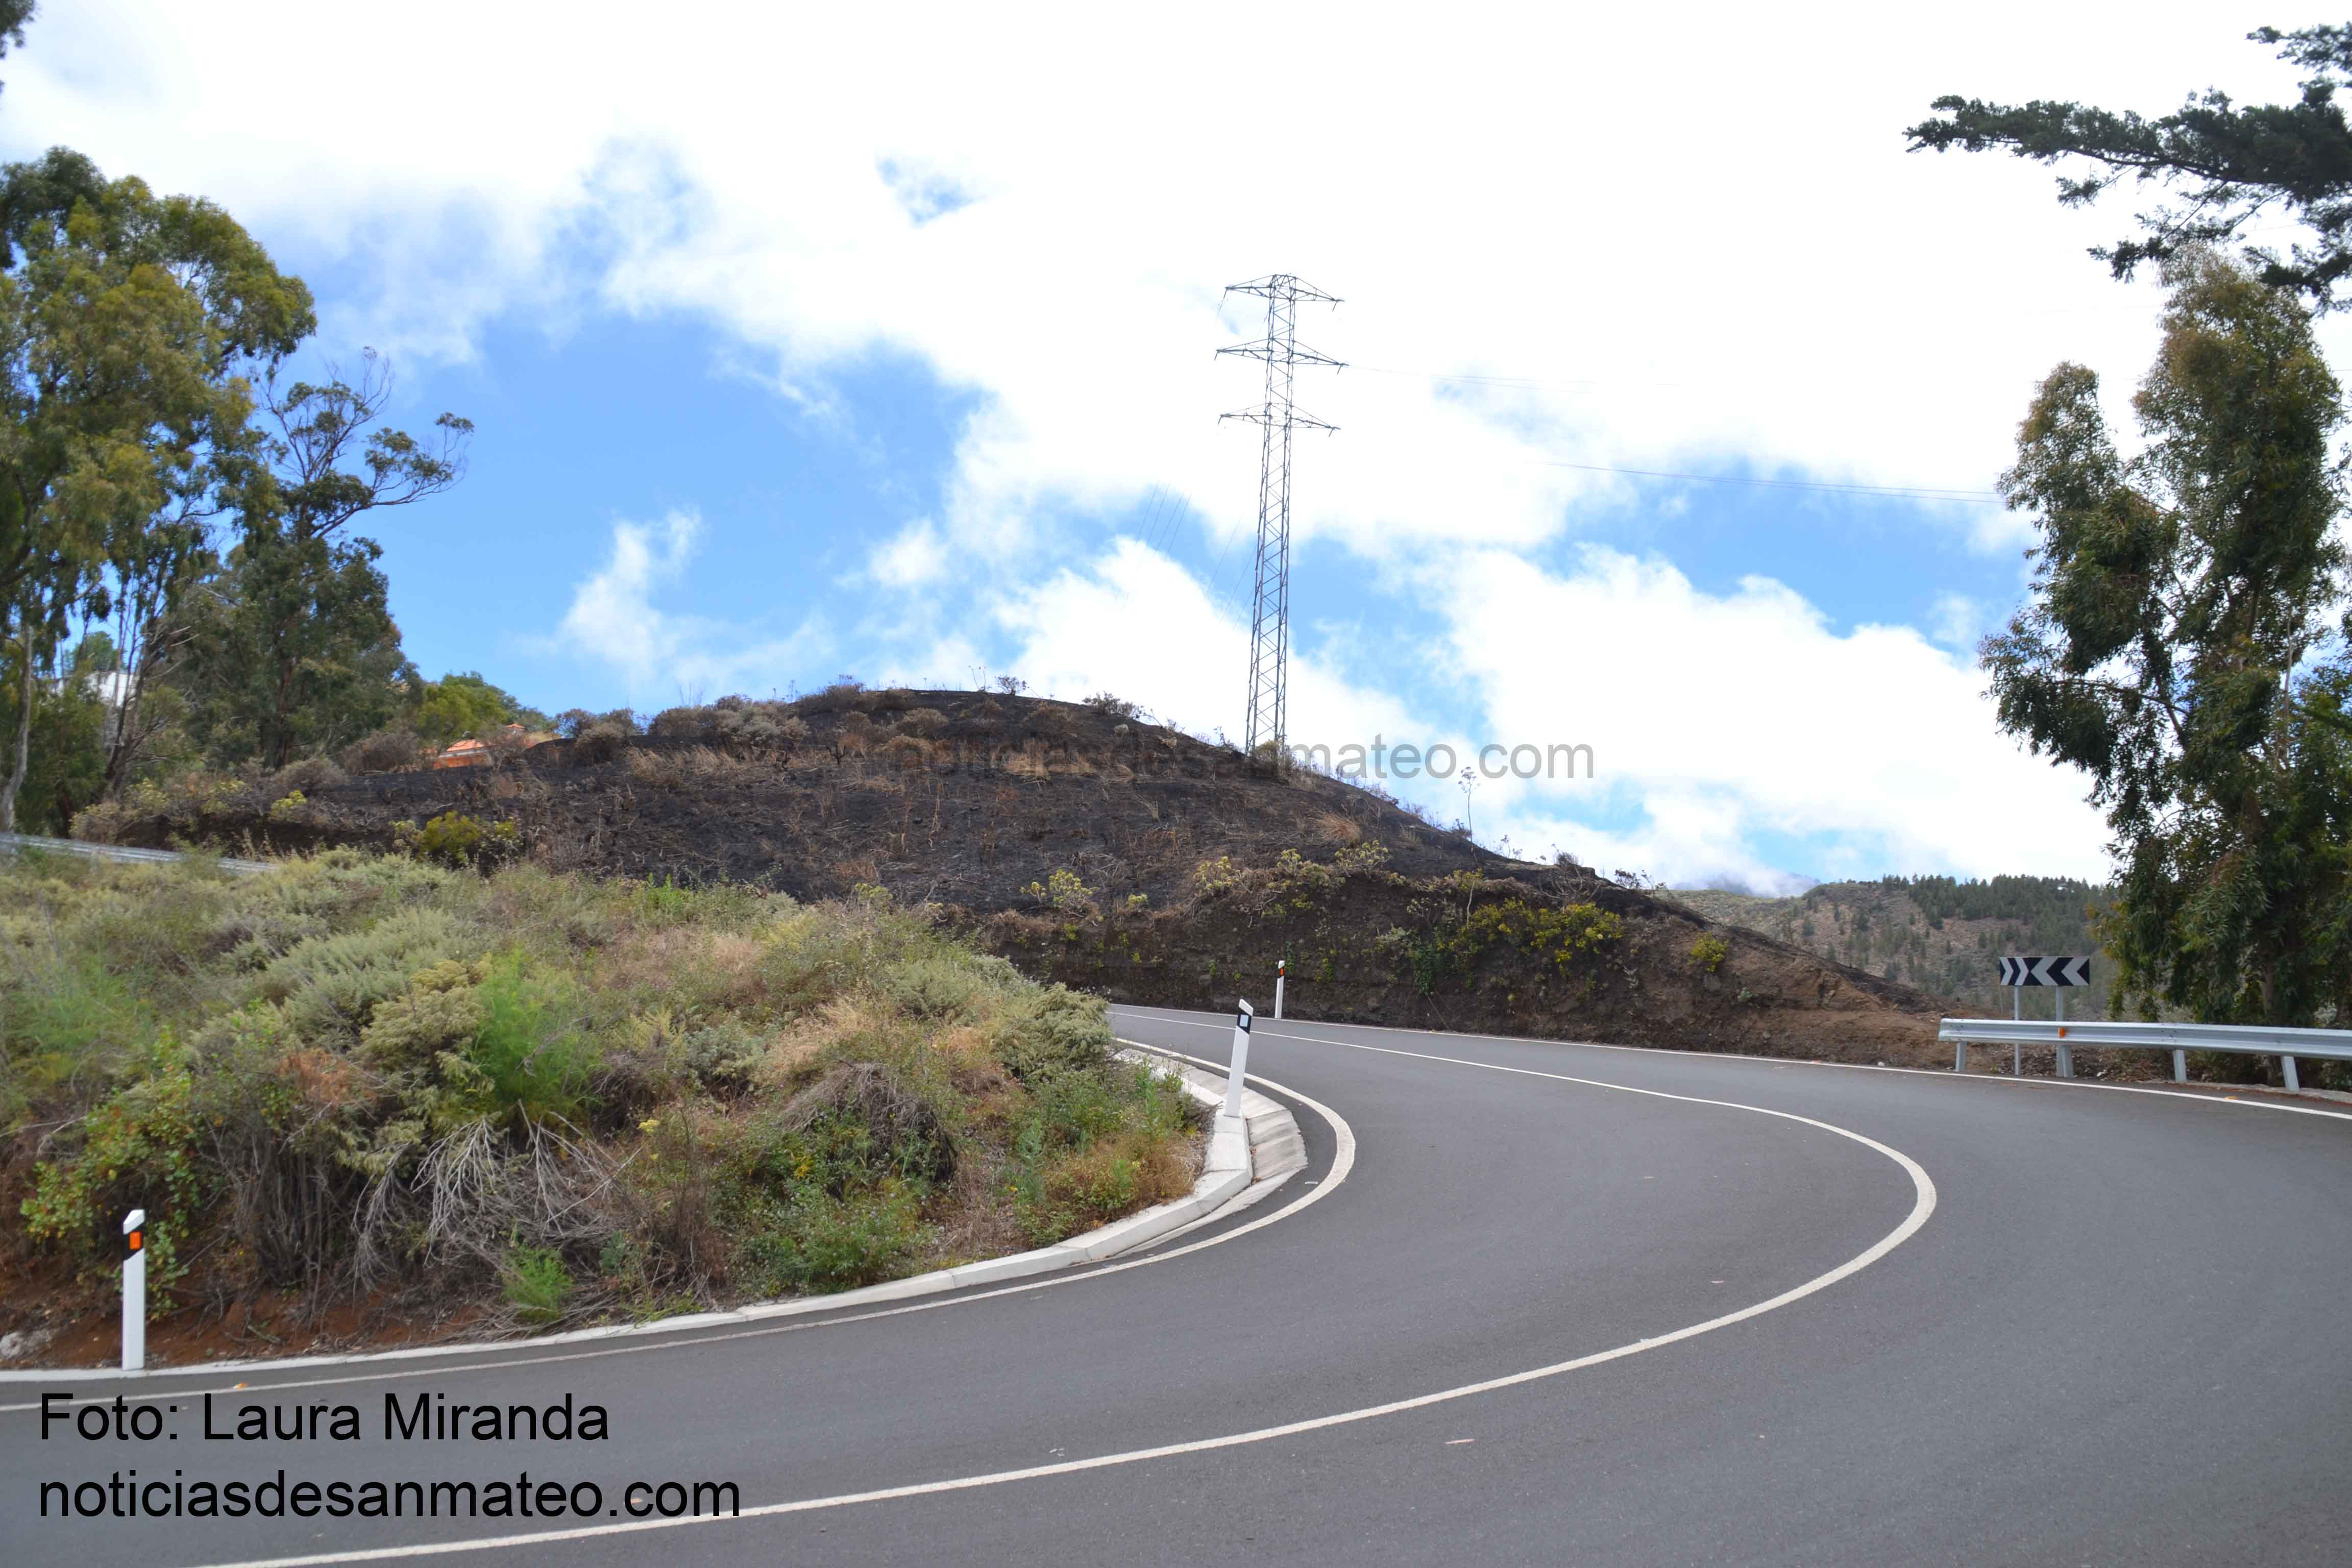 Incendio en Vuelta de Antona 31 de mayo de 2017 Foto Laura Miranda Noticias de San Mateo 1